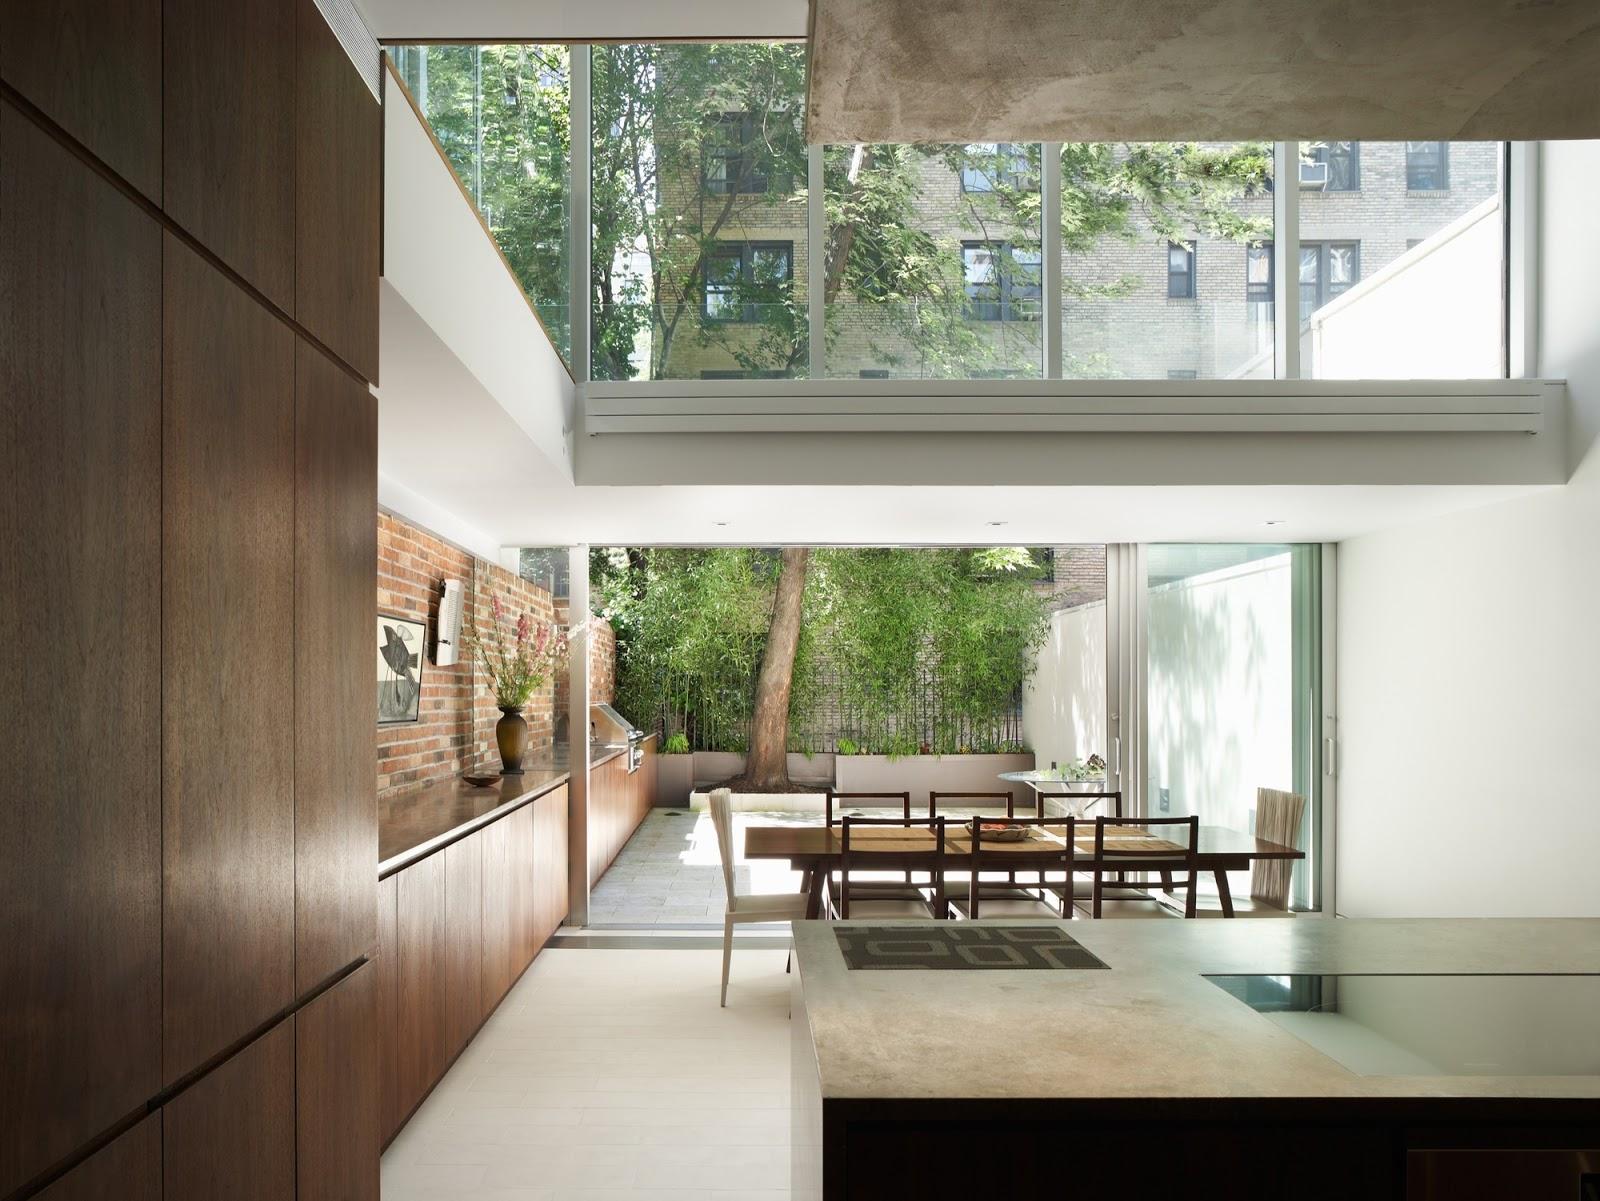 mẫu-nhà-phố-5-tầng-ở-Mỹ